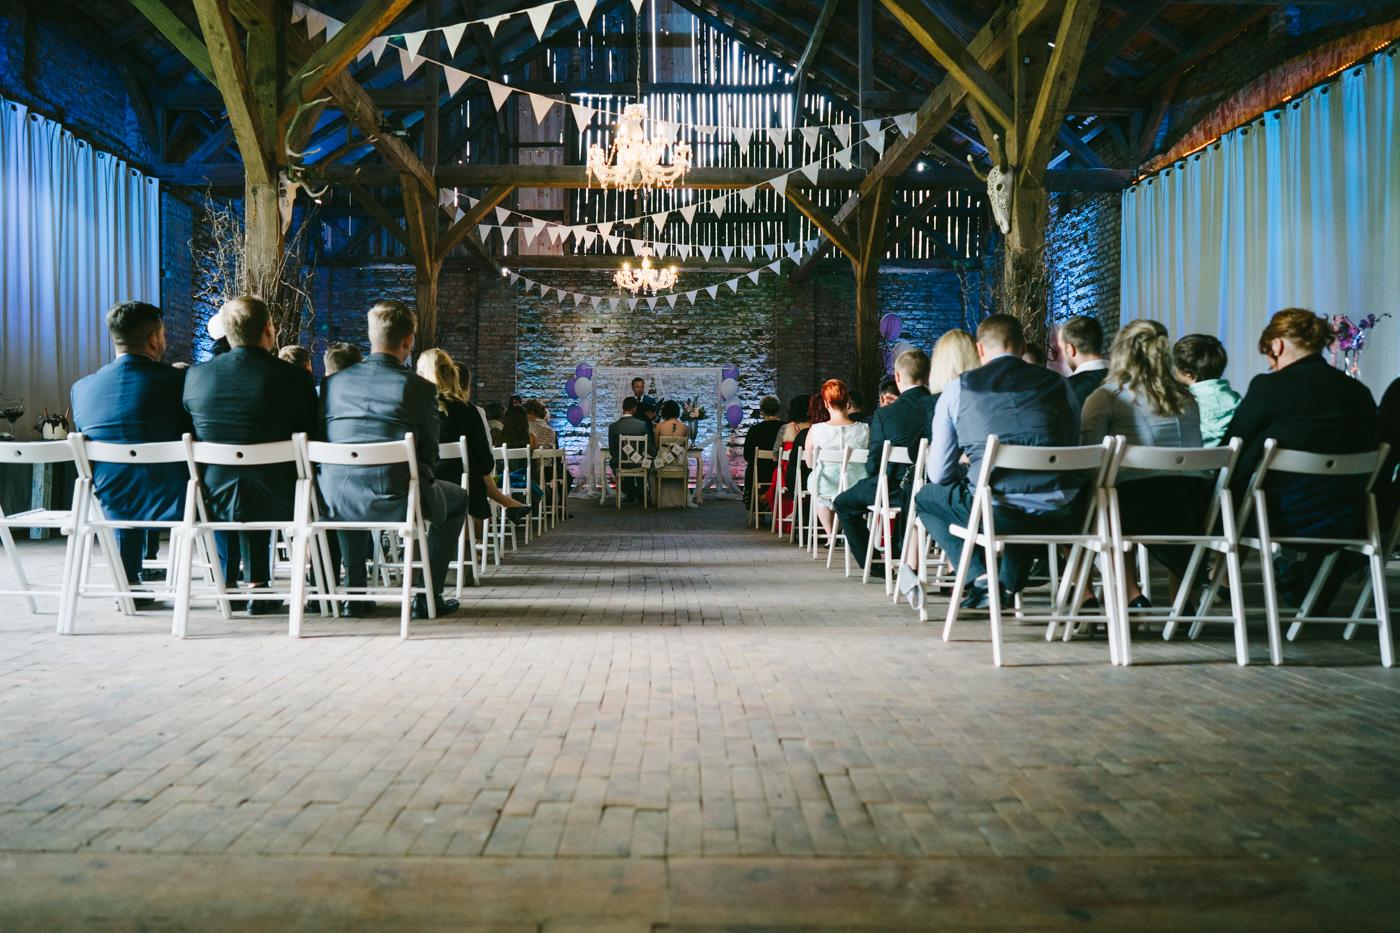 Hochzeitslocations Brandenburg Die Scheune The White Barn wird für Hochzeiten mit schönen Vintage-Möbeln und feierlicher Dekoration hergerichtet.